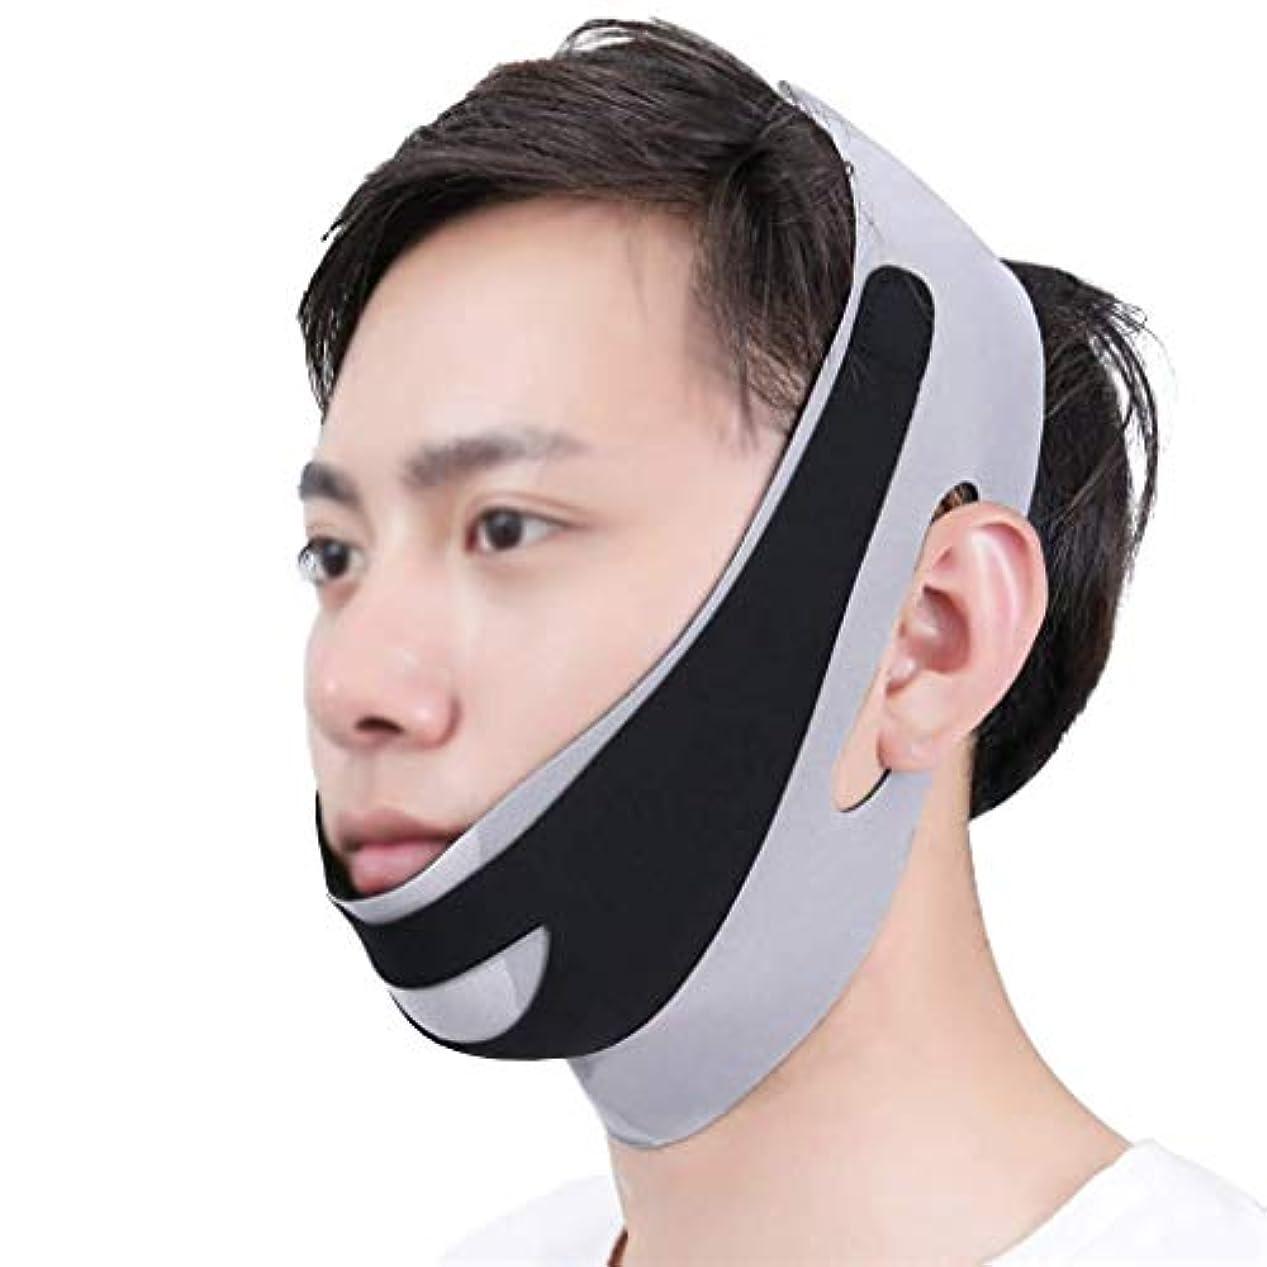 合体抵抗力がある助言するフェイスアンドネックリフト術後弾性フェイスマスク小さなV顔アーティファクト薄い顔包帯アーティファクトV顔ぶら下げ耳リフティング引き締め男性の顔アーティファクト